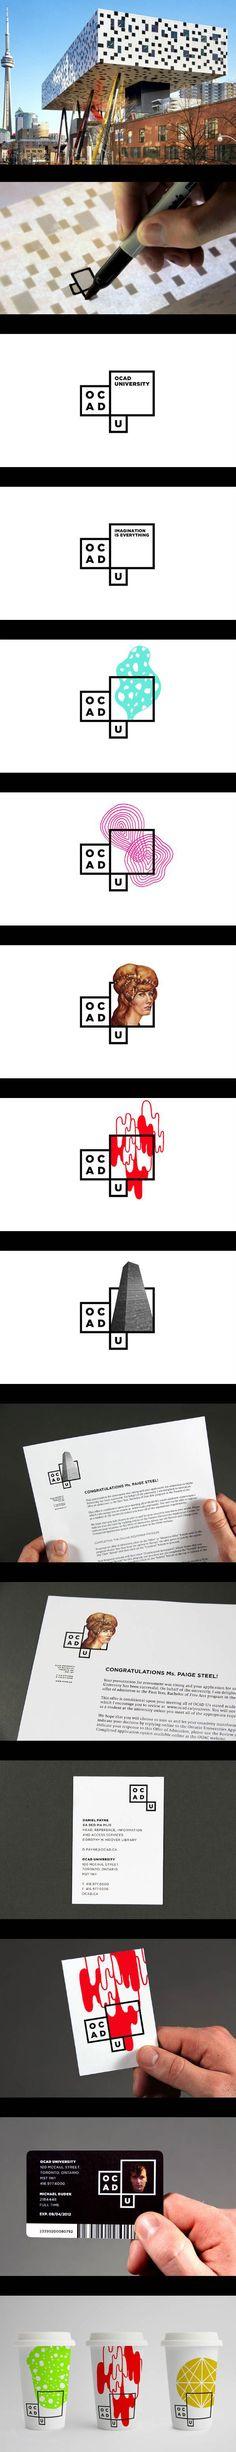 Identity based on facade of building – OCAD University _ Bruce Mau Design